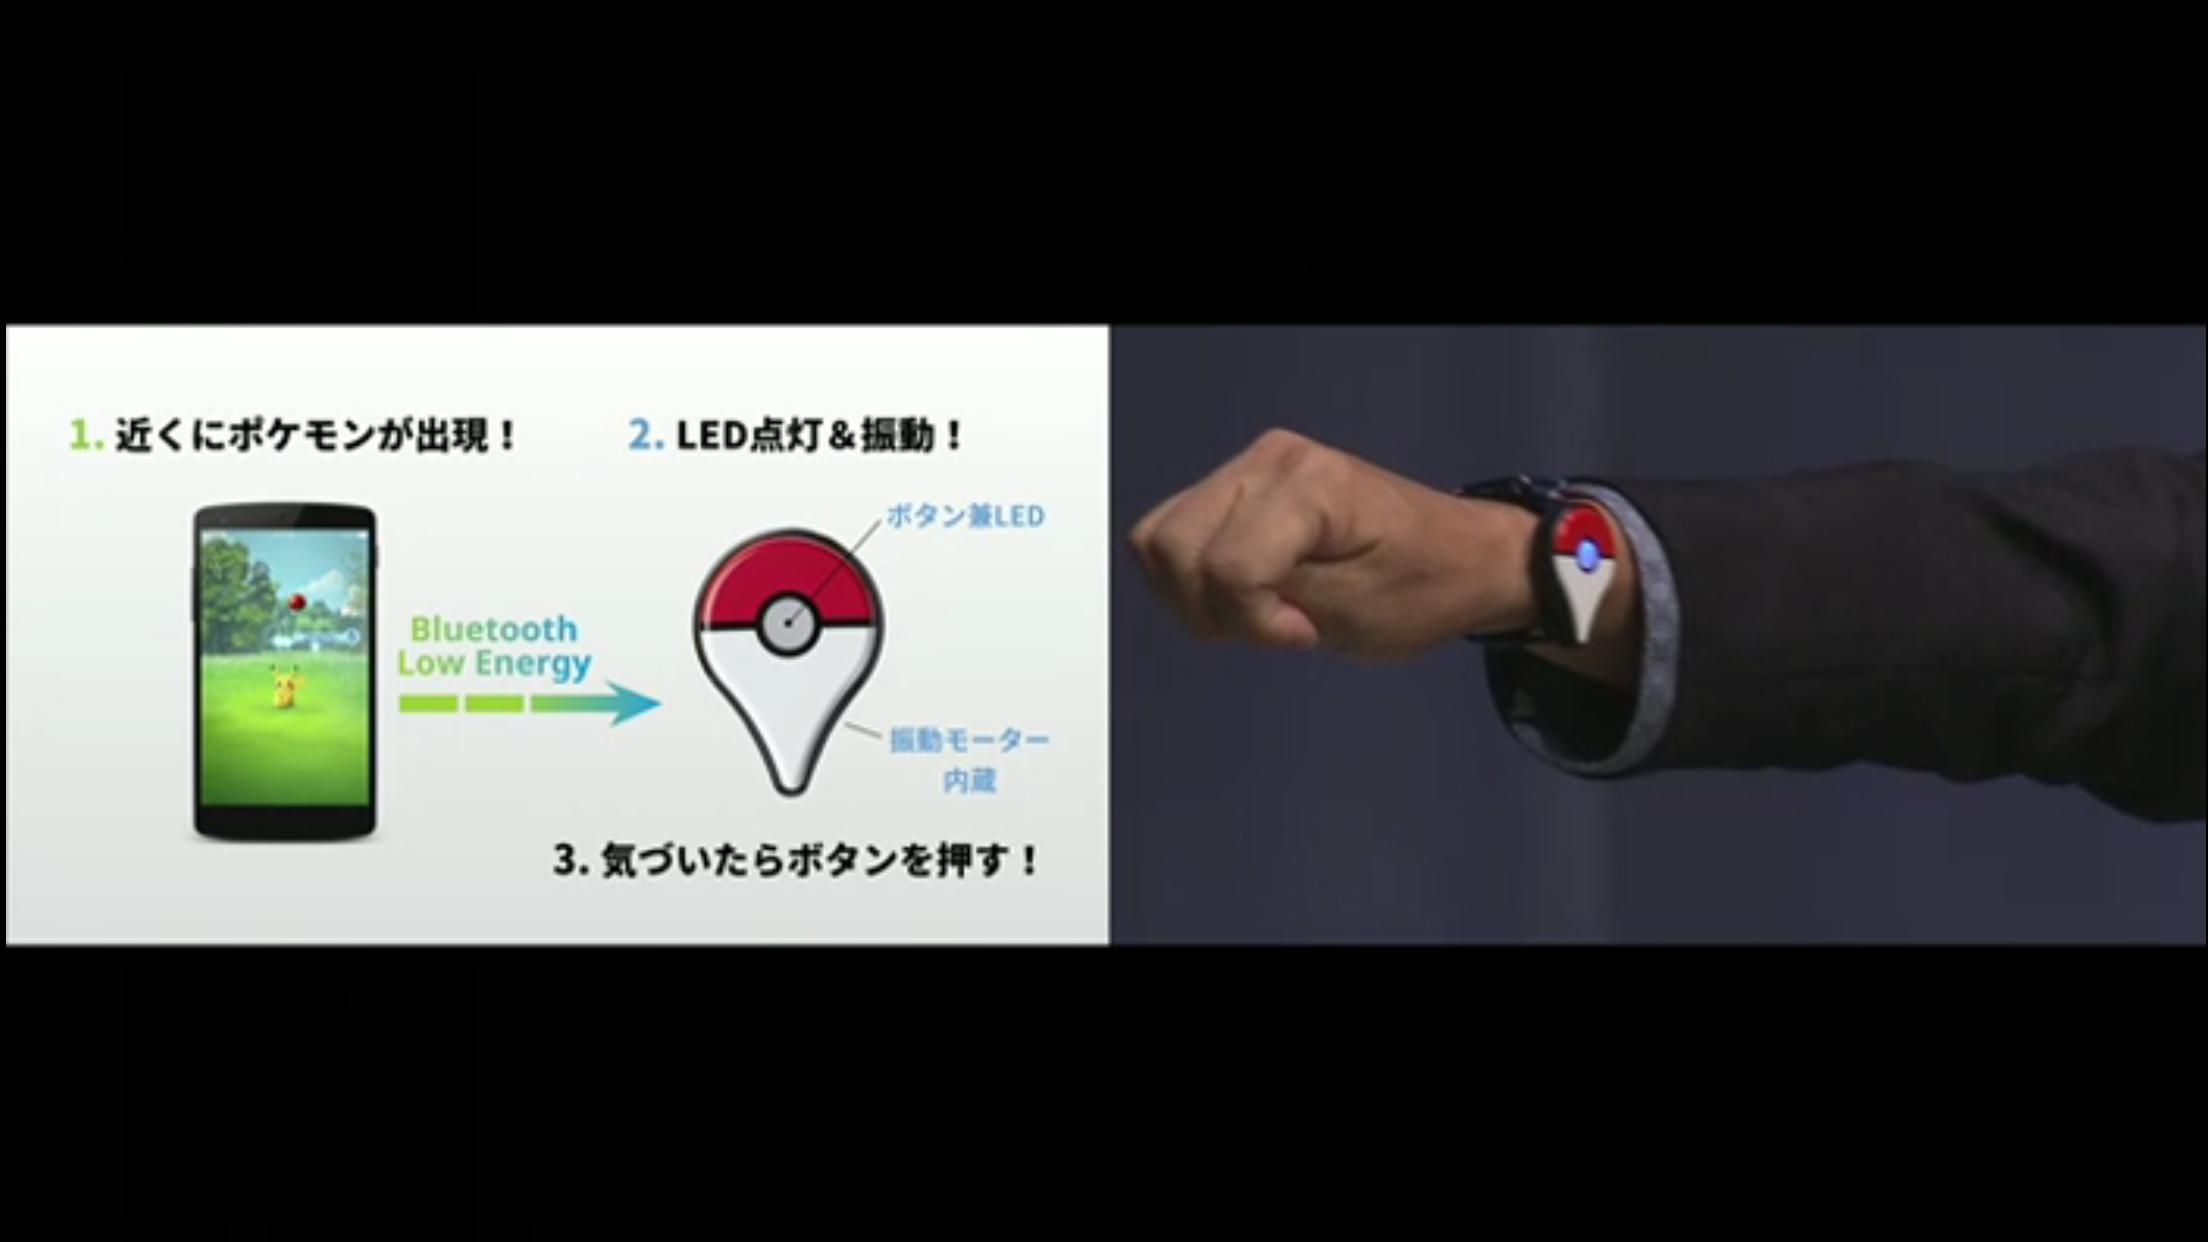 ポケモンGO、20日に日本でローンチ(サービス開始)か?